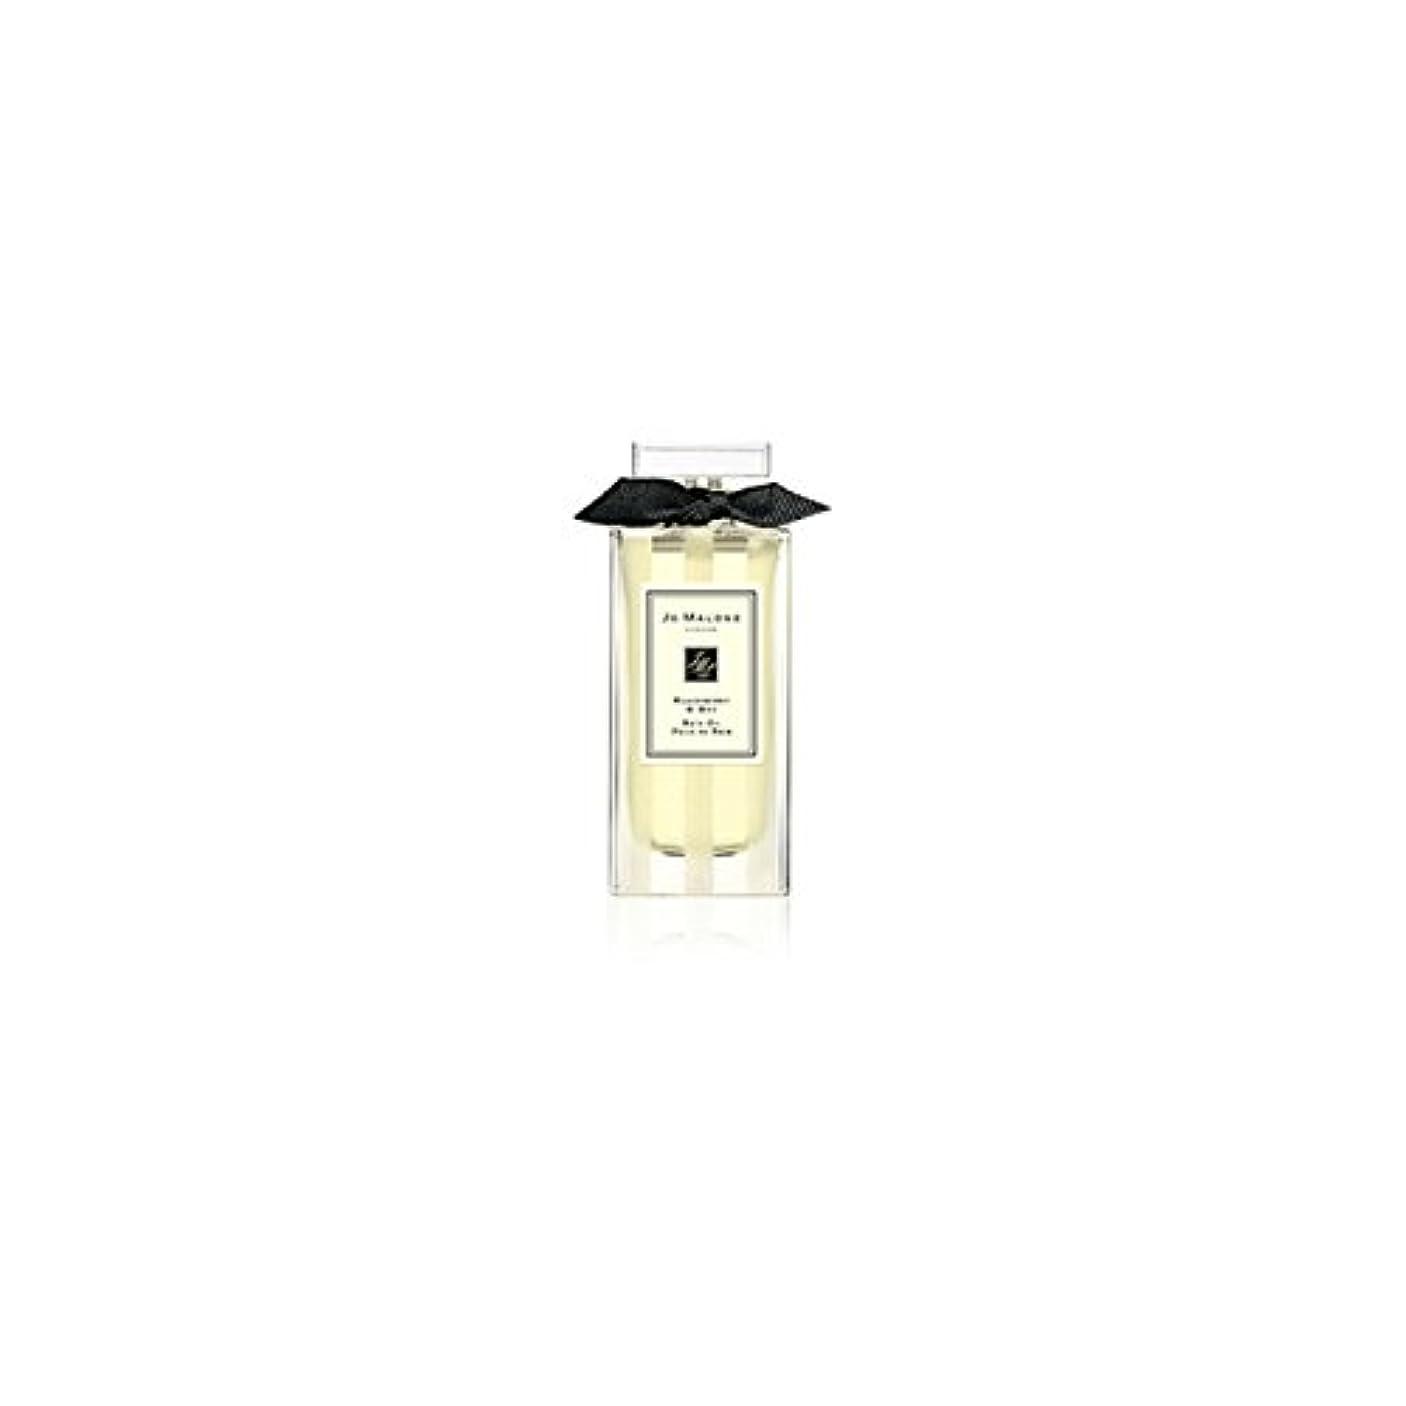 祭り悪因子怠なJo Malone Blackberry & Bay Bath Oil - 30ml (Pack of 6) - ジョーマローンブラックベリー&ベイバスオイル - 30ミリリットル (x6) [並行輸入品]